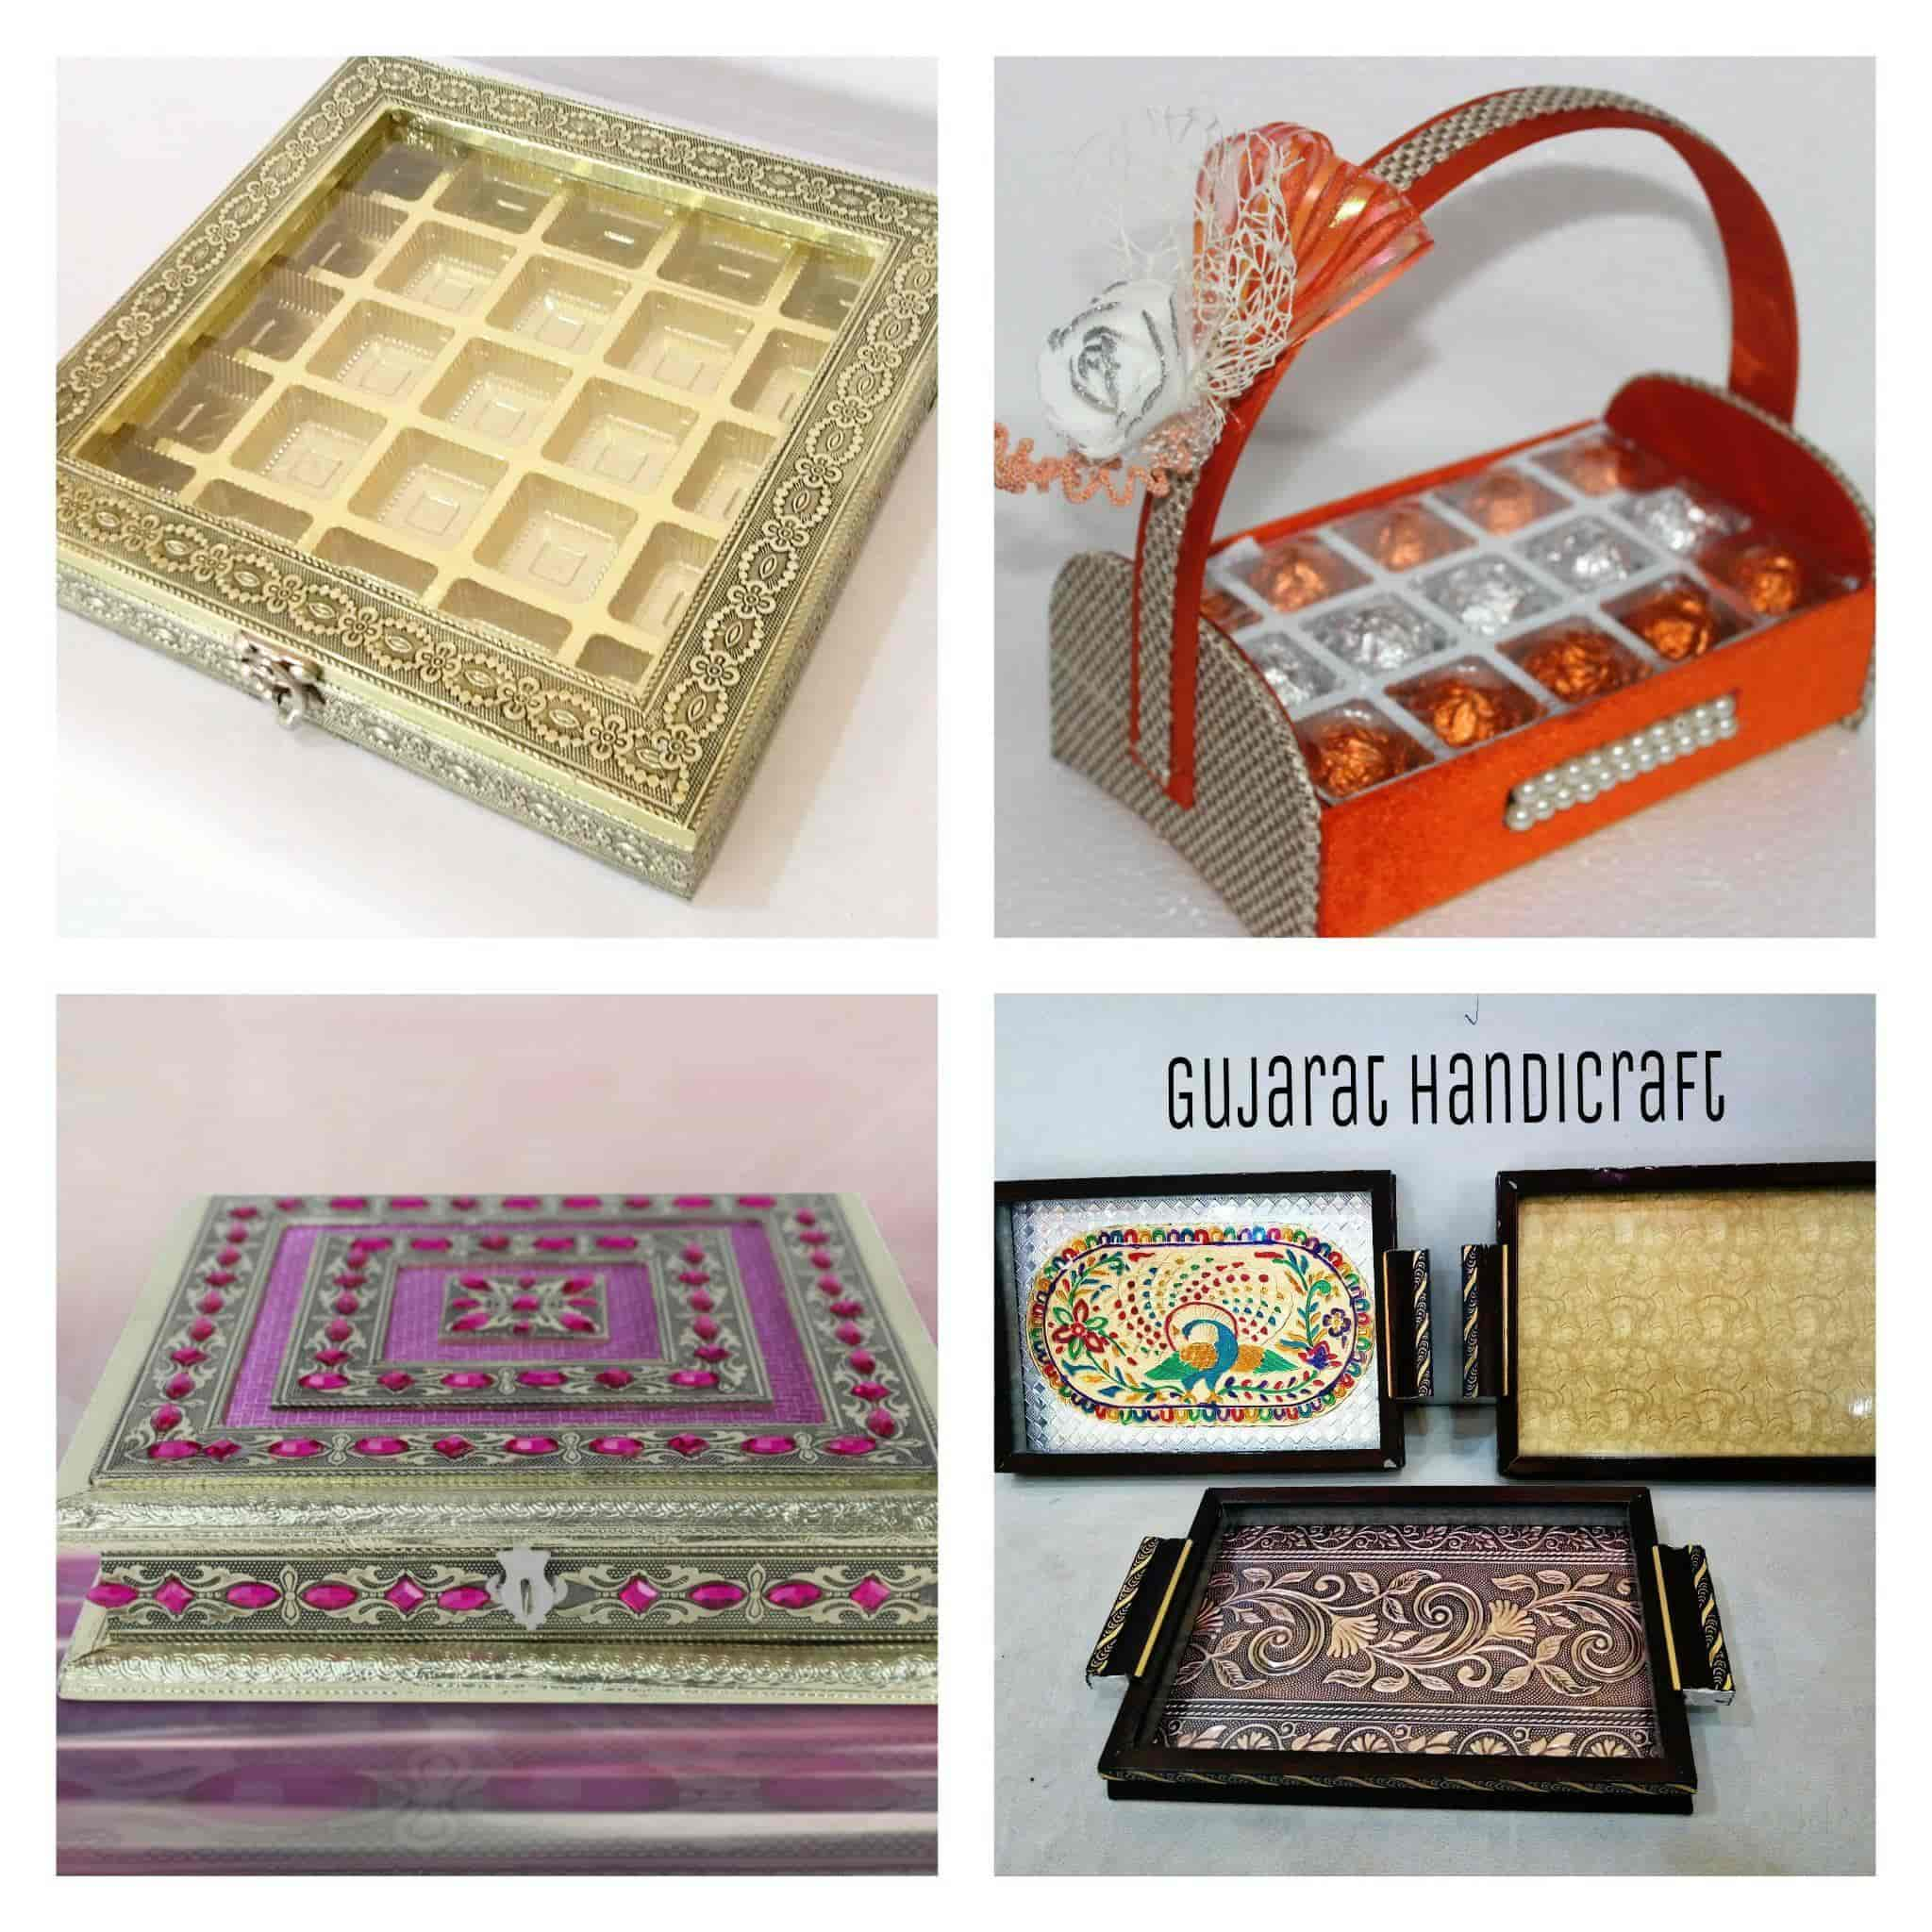 Gujarat Handicraft Narol Gujrat Handicraft Dry Fruit Box